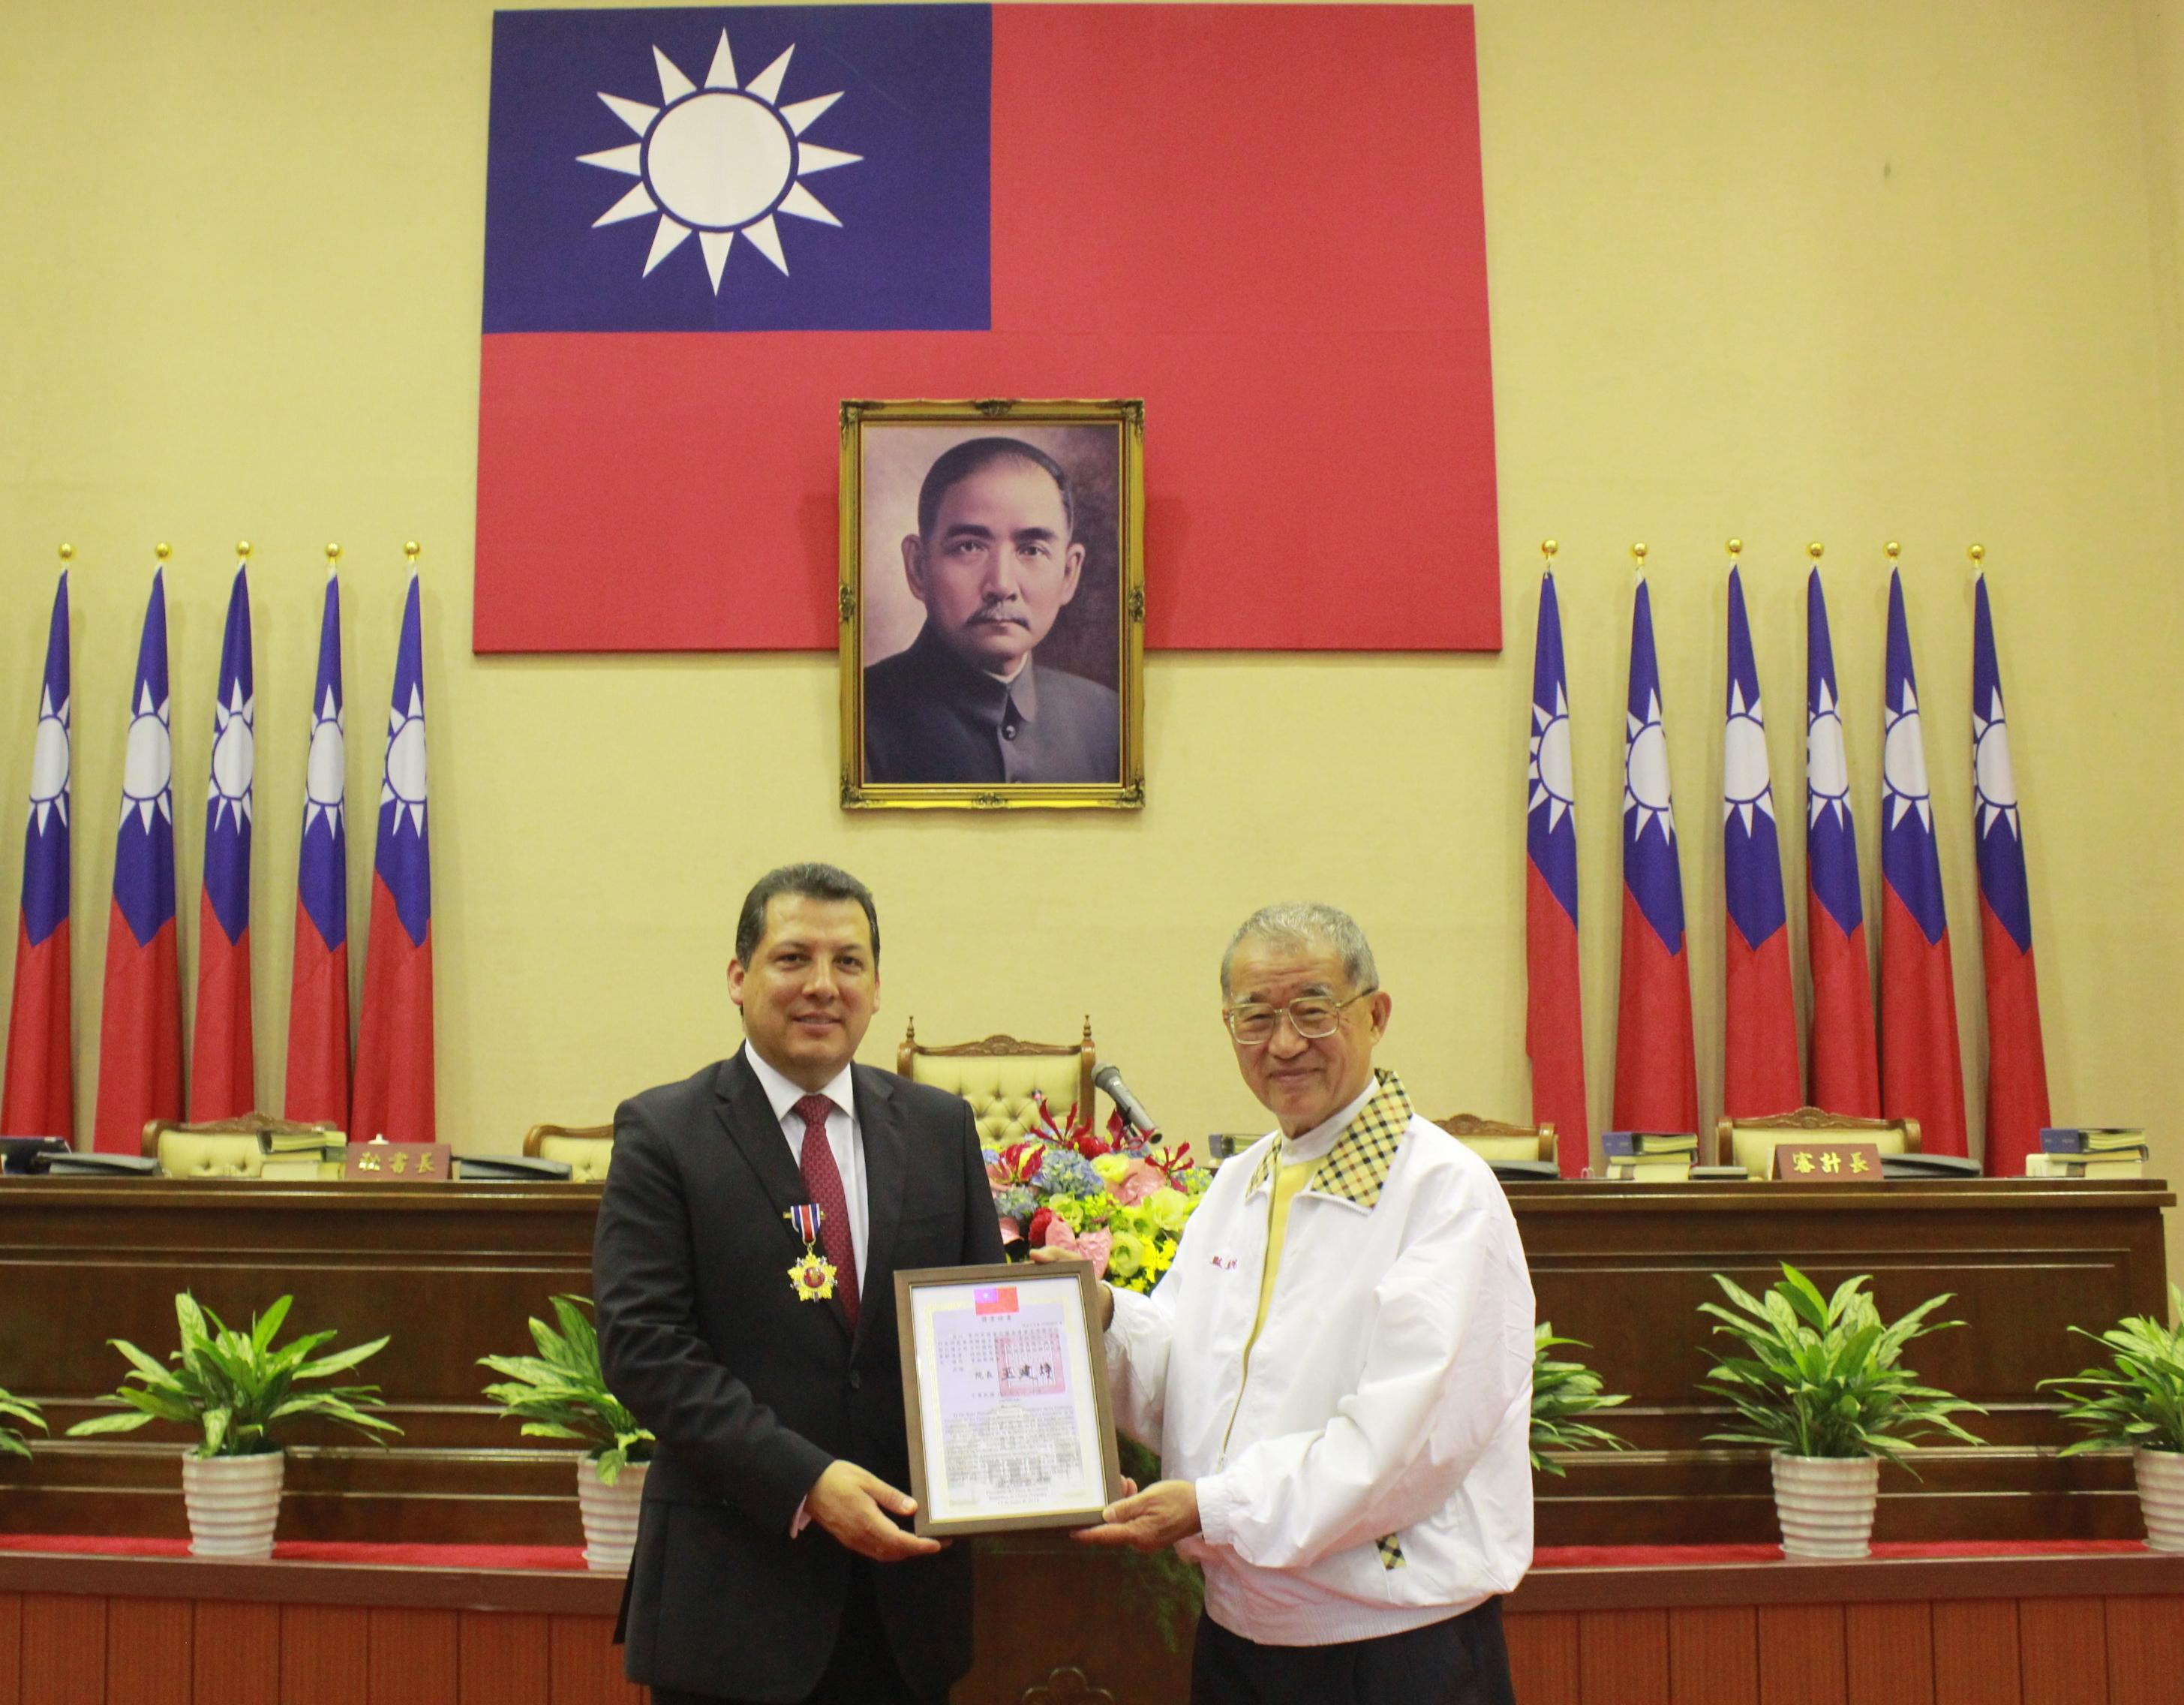 伊比利美洲監察使聯盟主席(FIO)普拉西亞獲頒監察獎章 期盼合作護人權